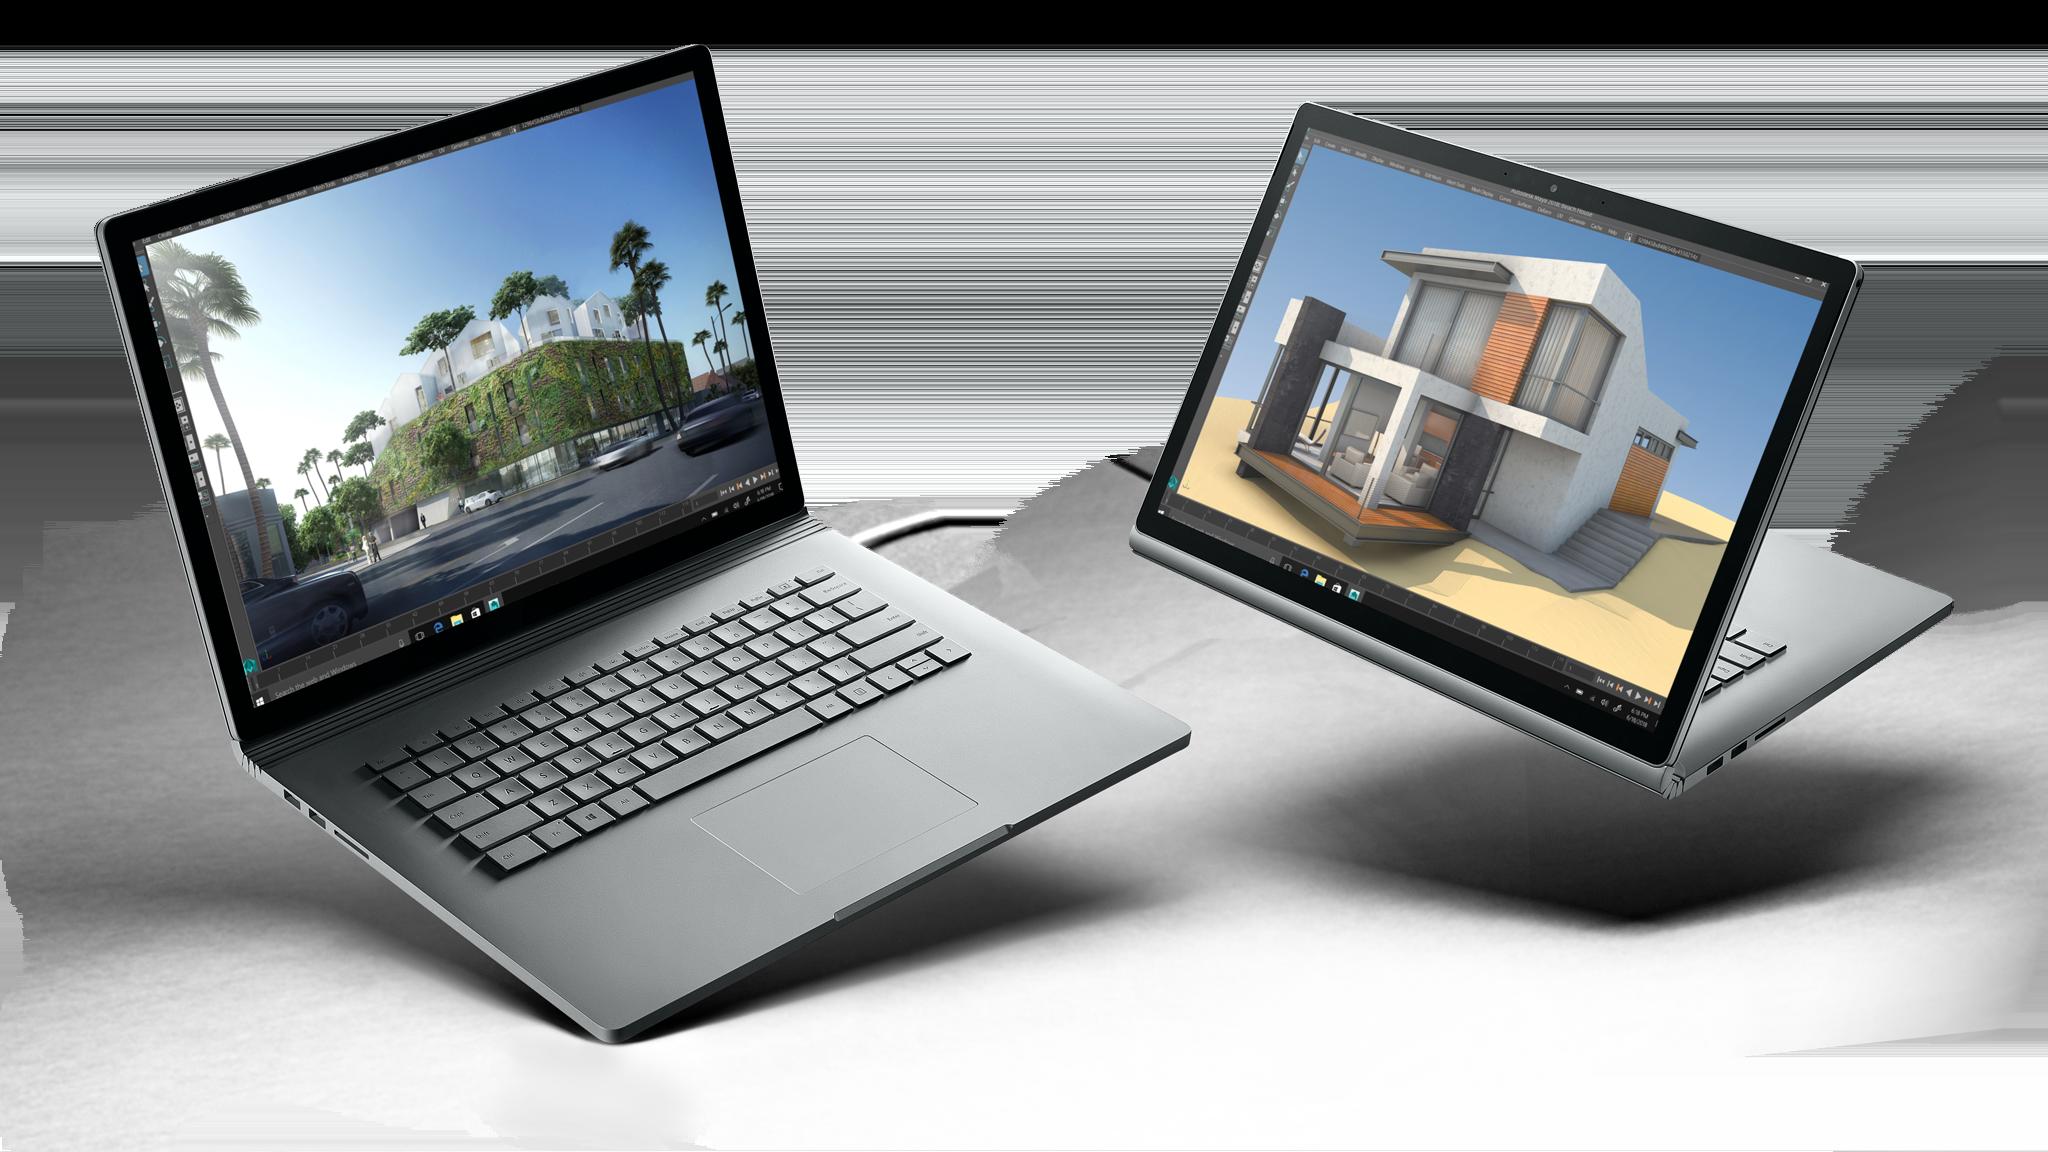 Surface Book 2 13,5 pouces et Surface Book 2 15 pouces côte à côte